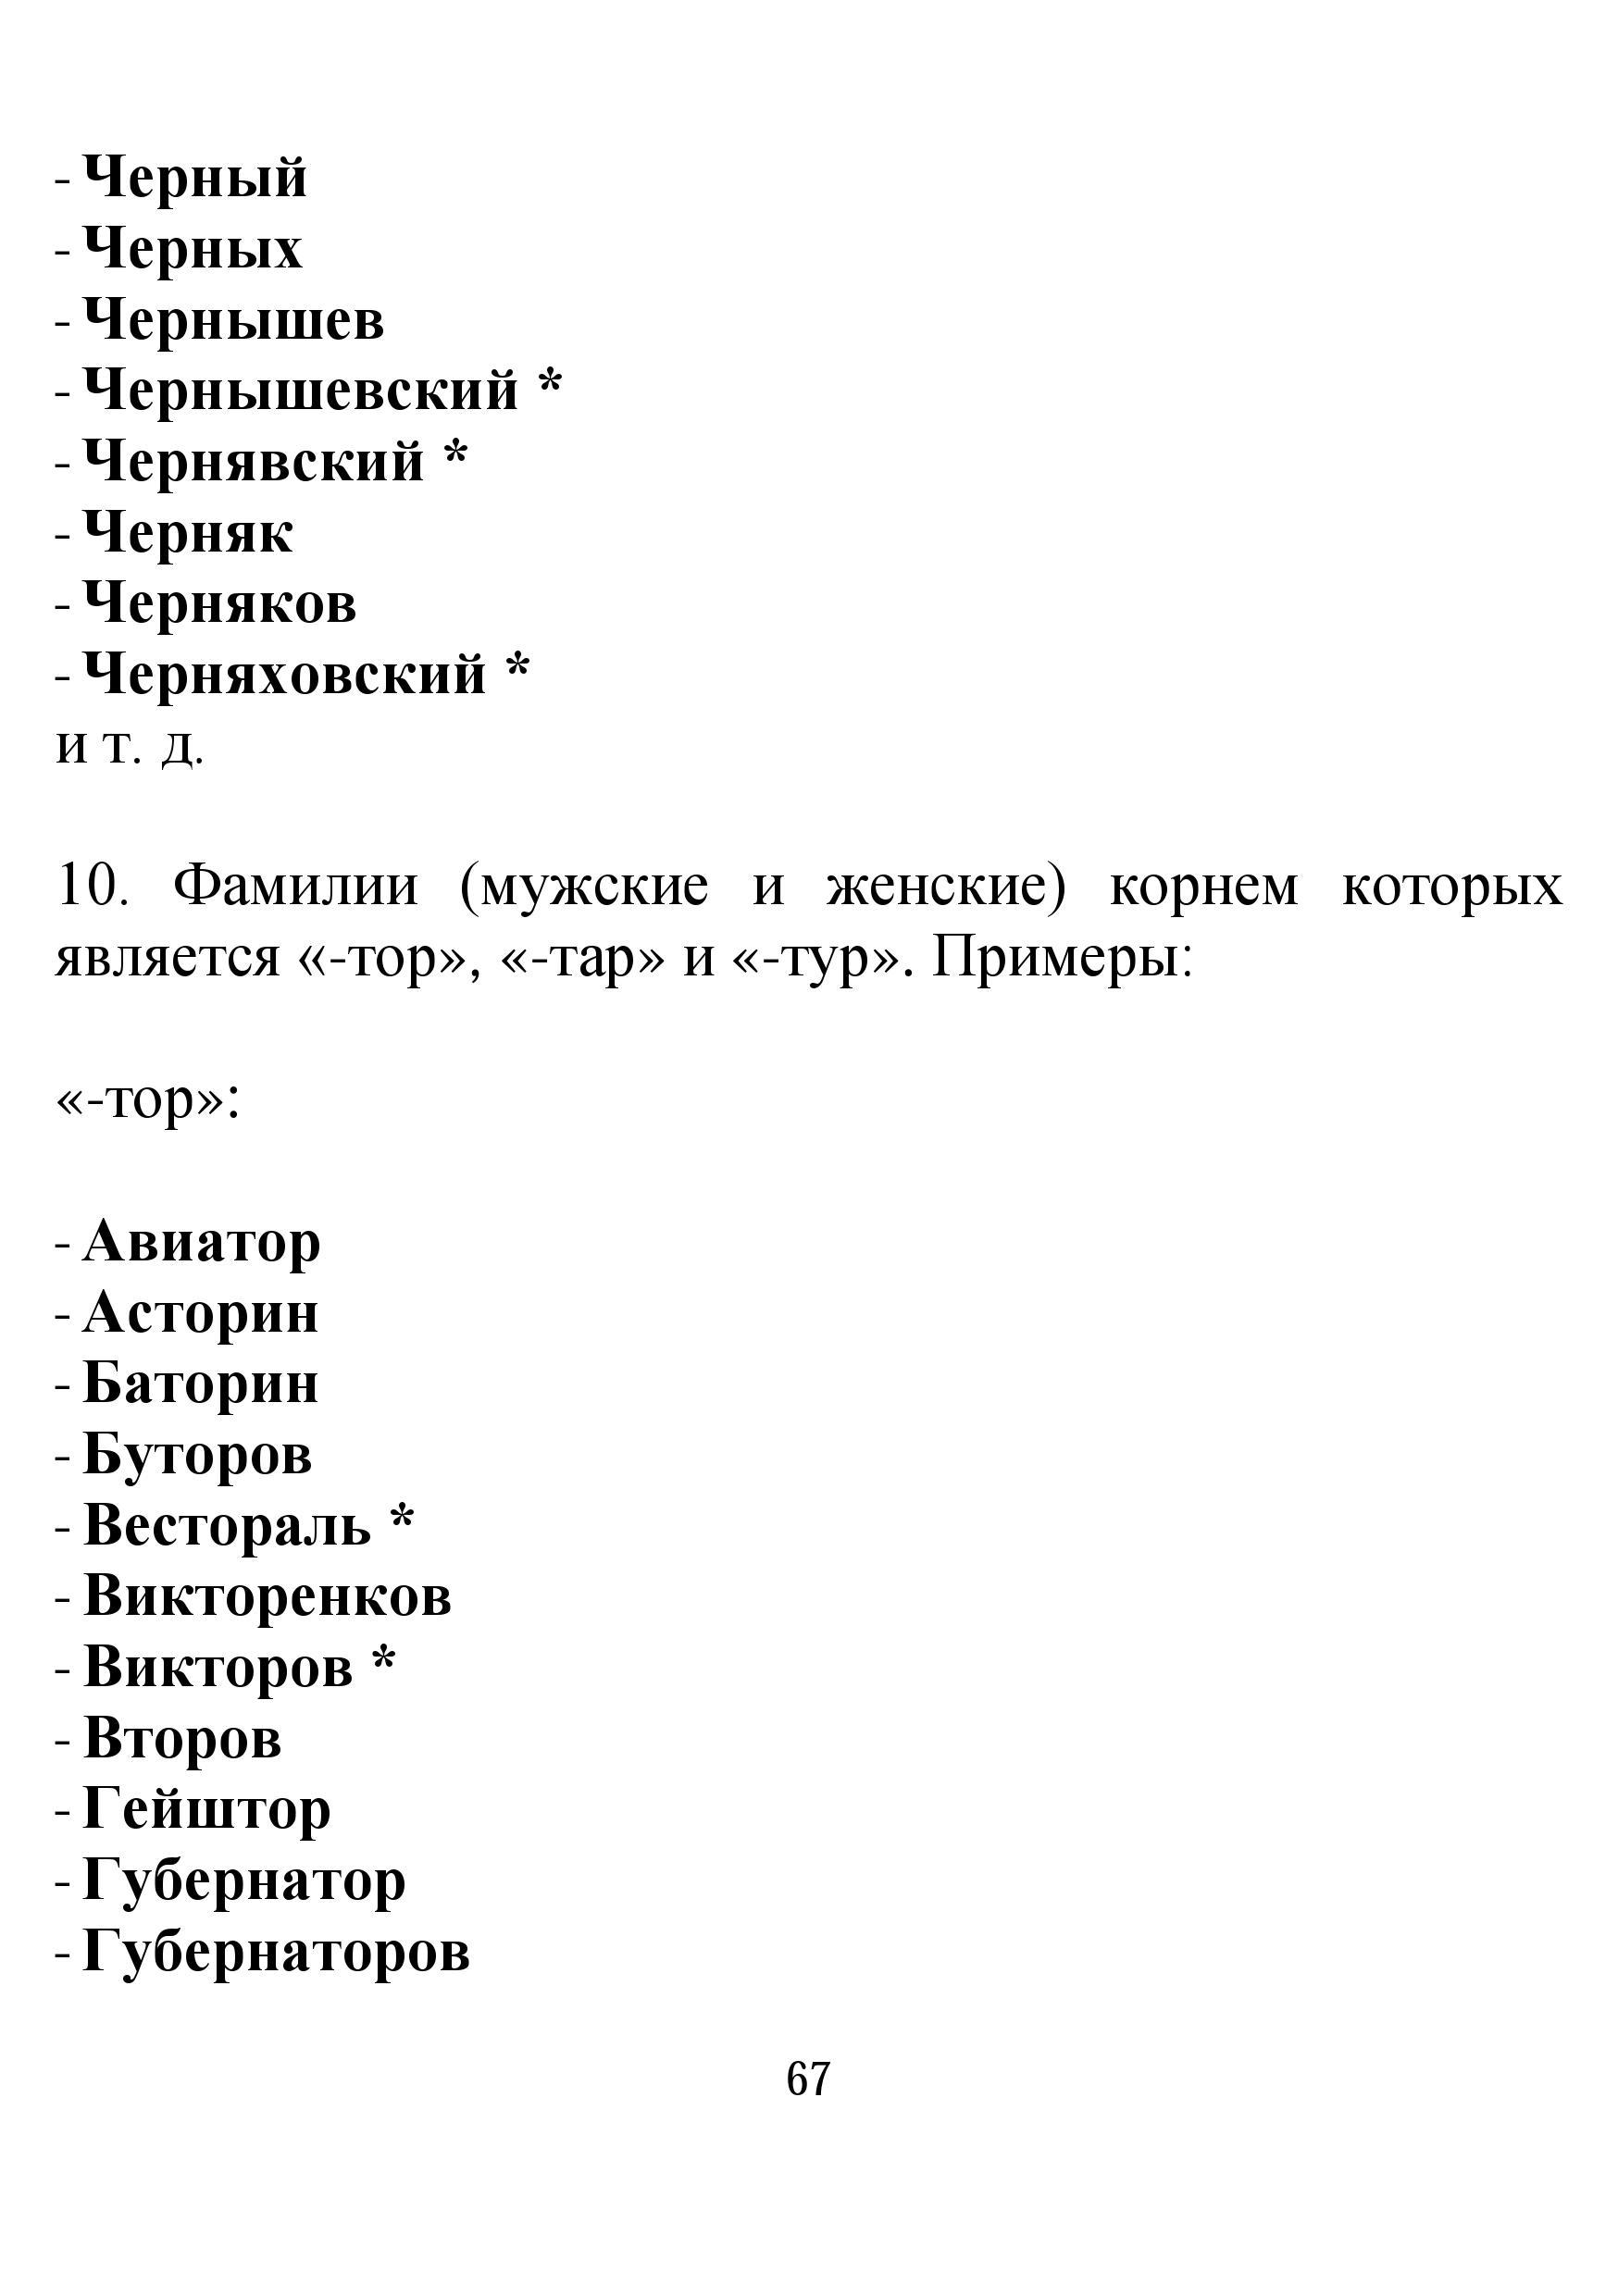 http://s4.uploads.ru/a4tNn.jpg